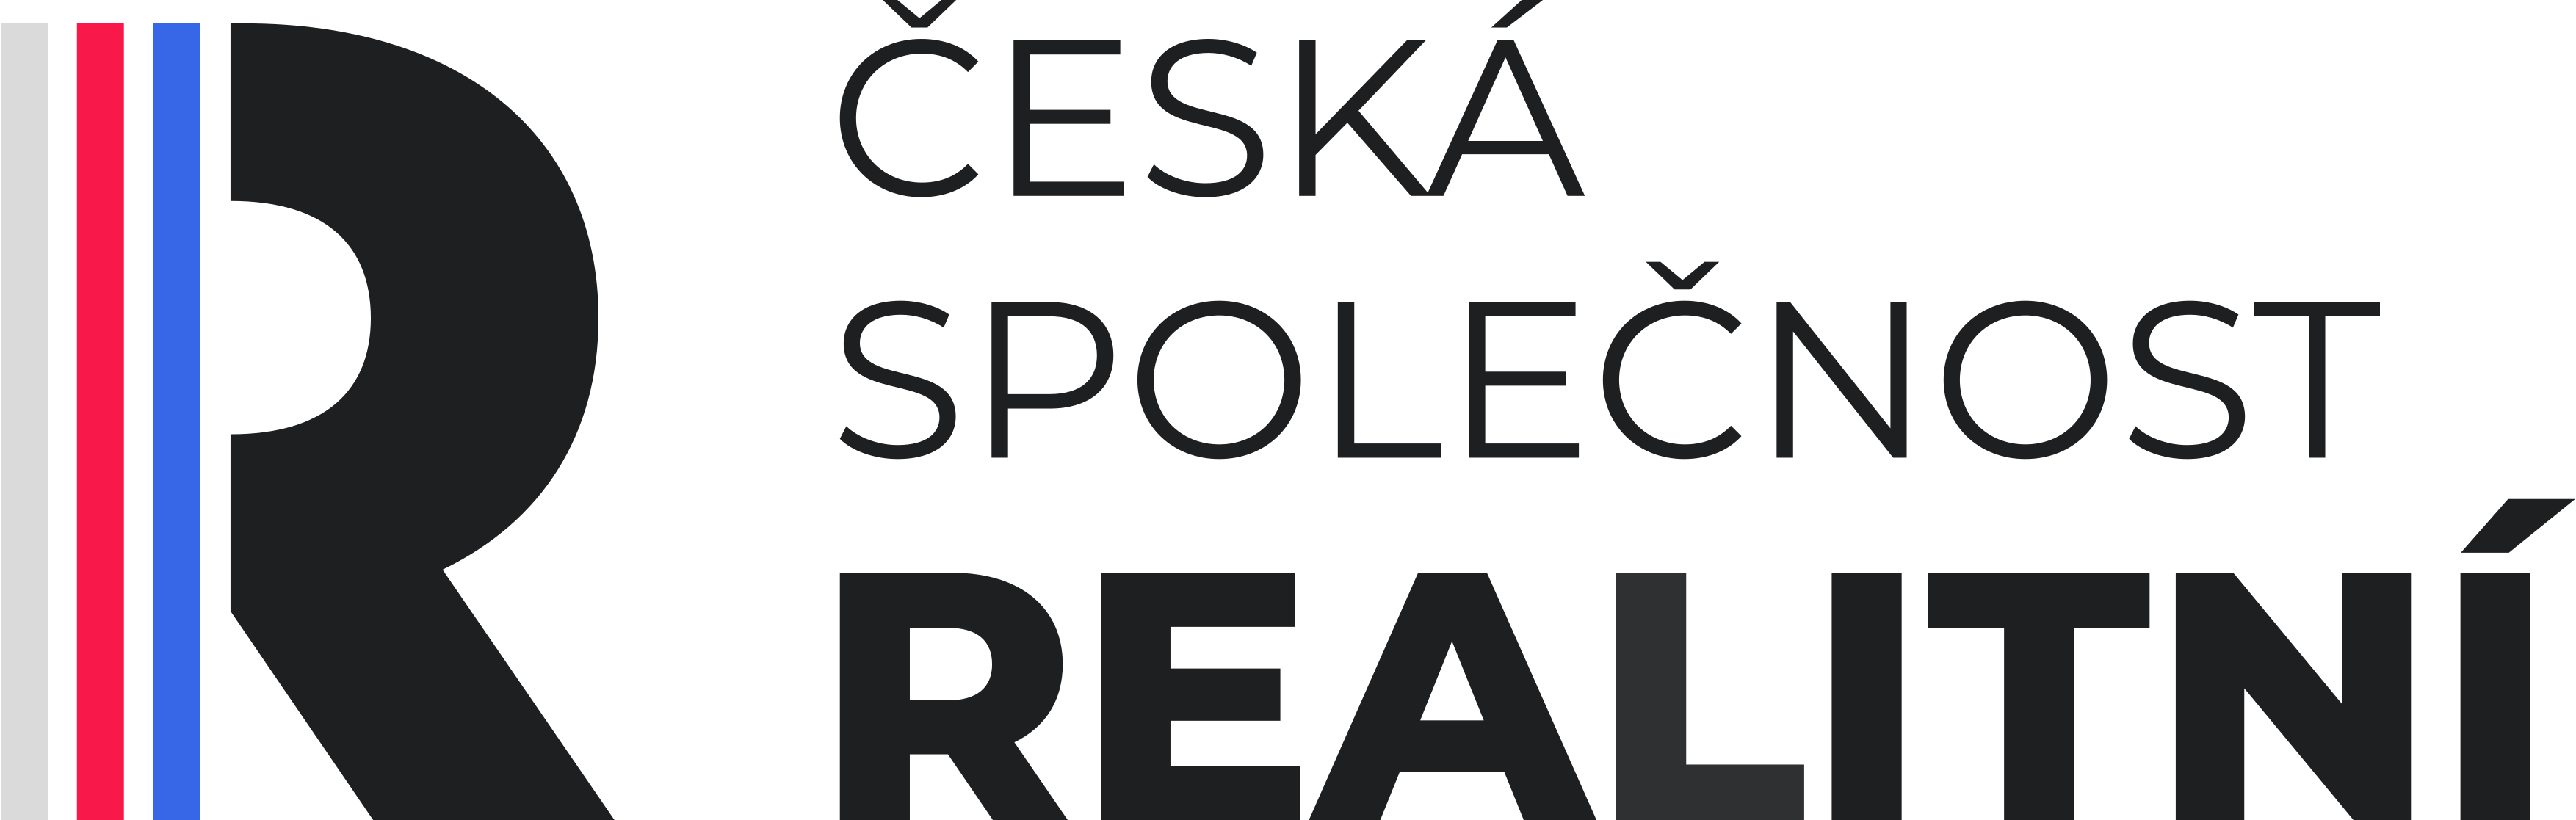 logo-20210110-3508x1117-A4-landscape.png